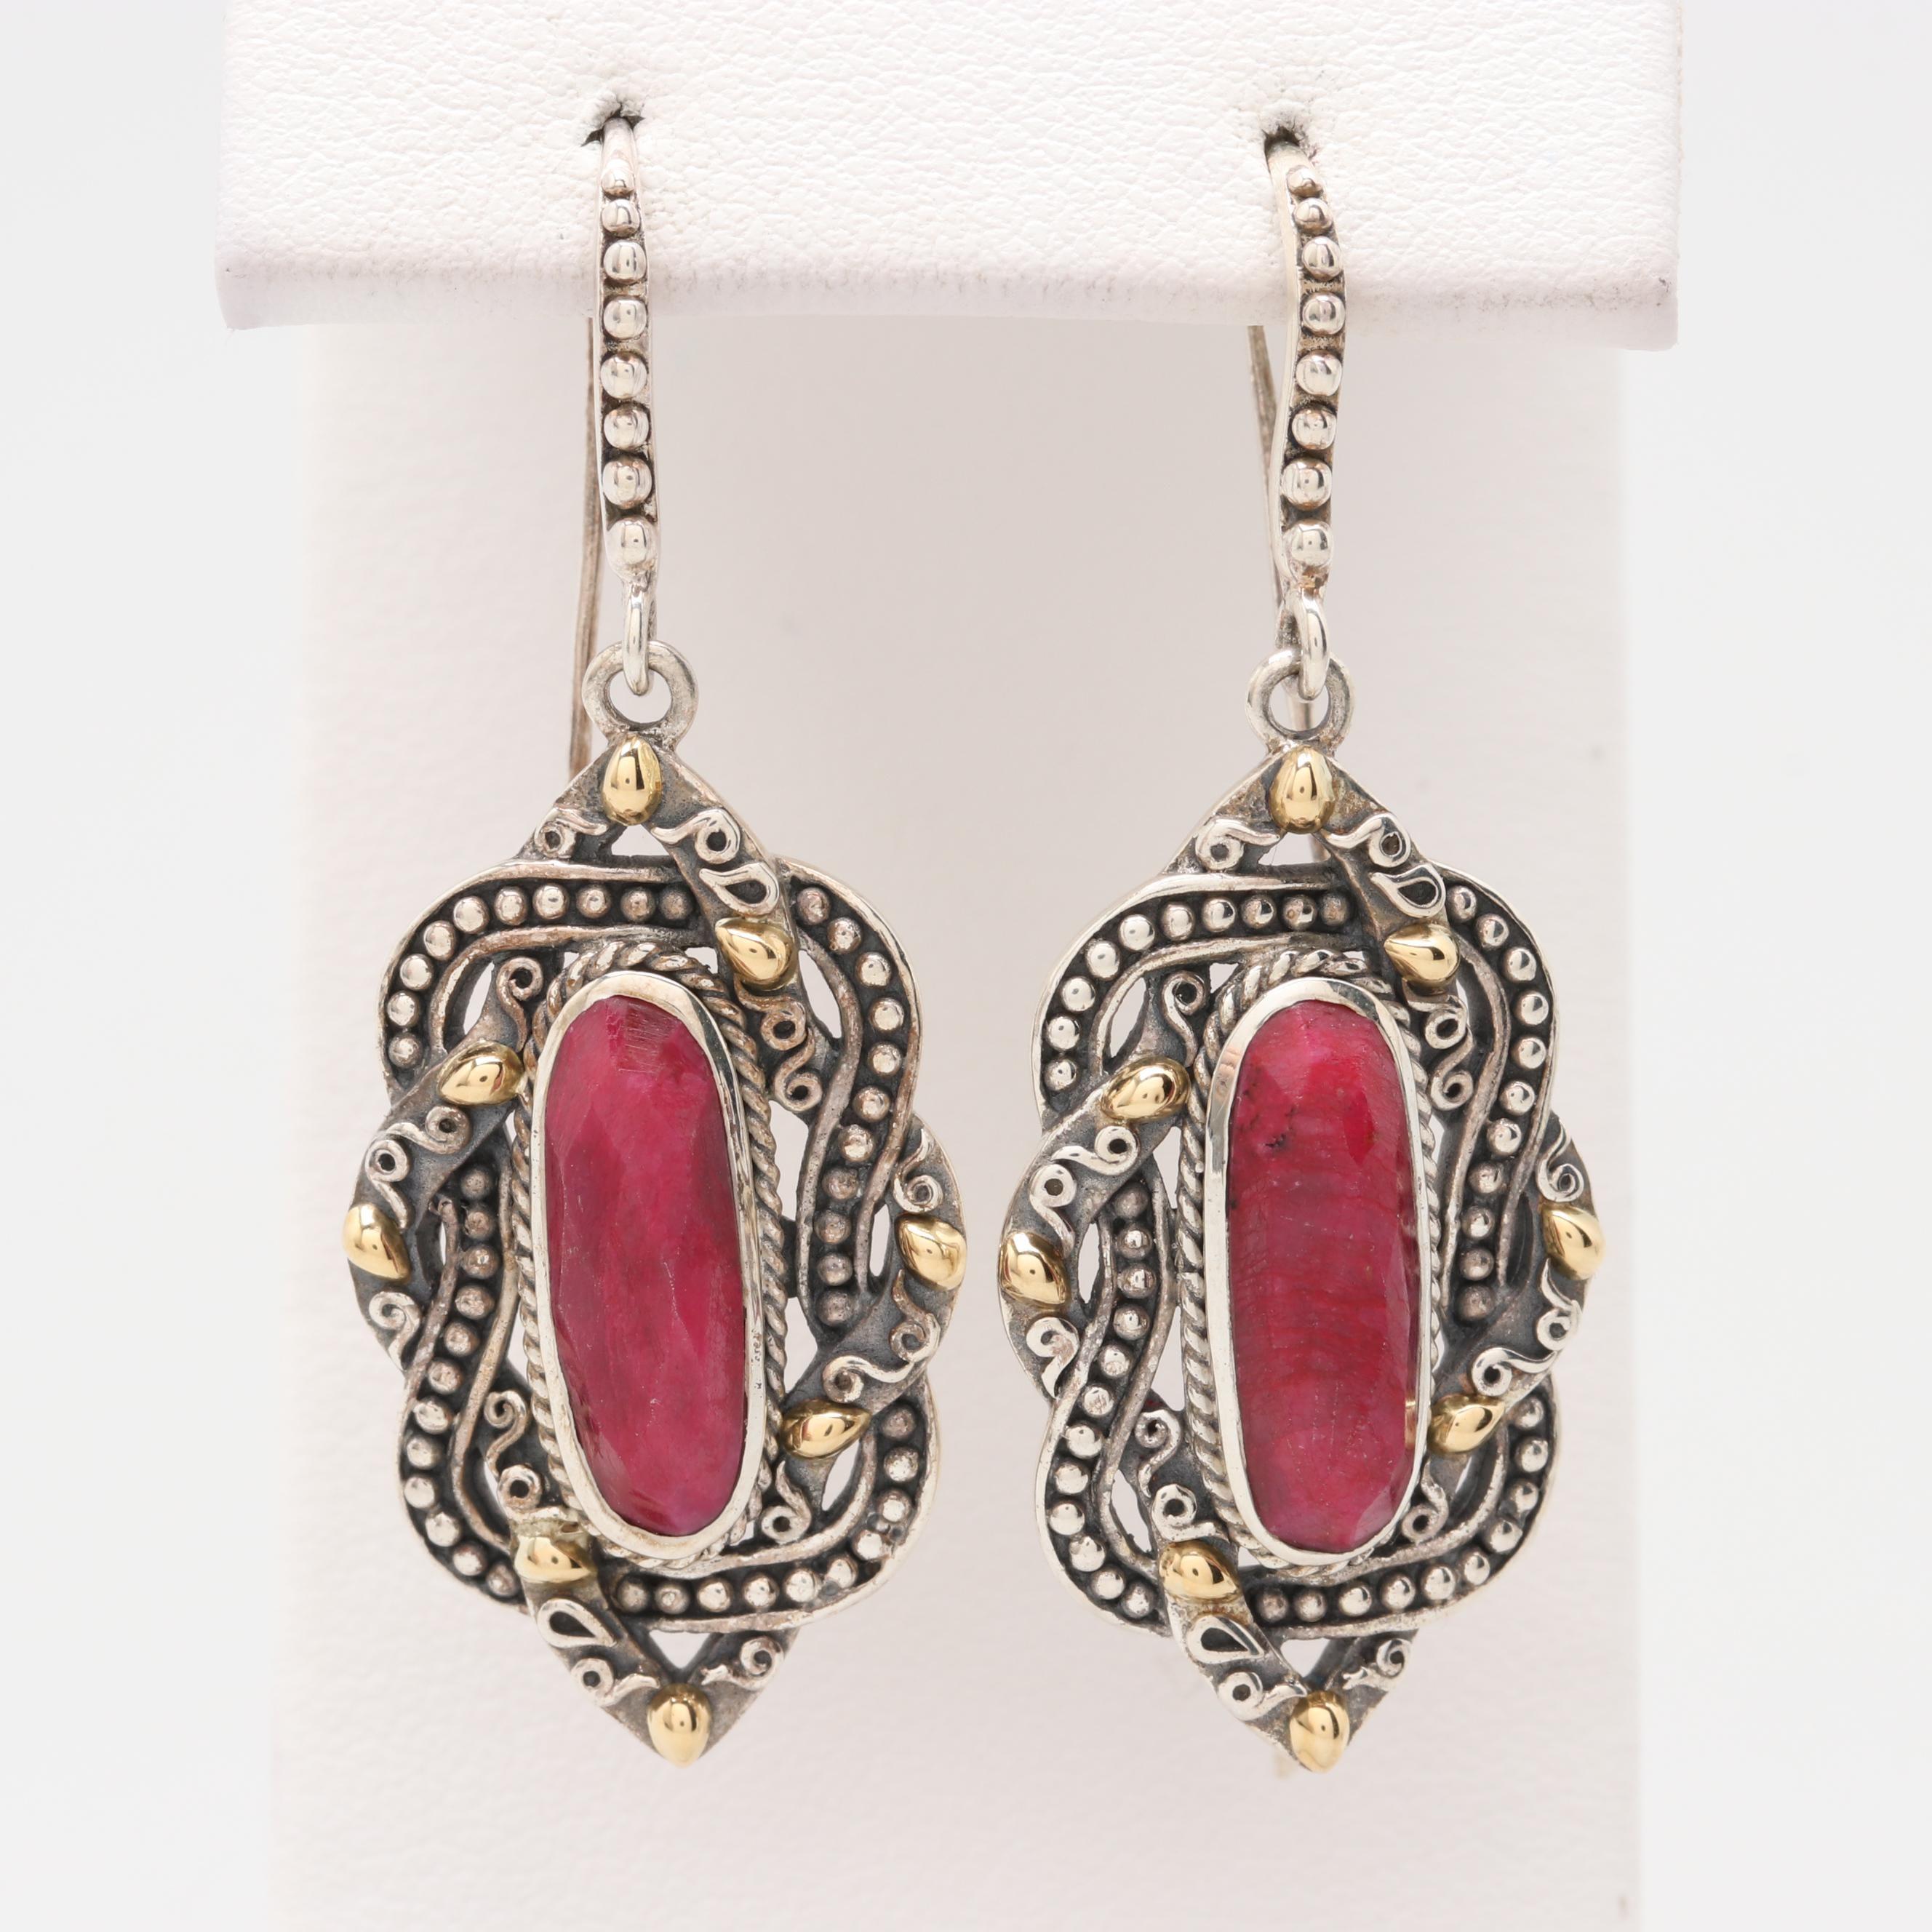 Robert Manse Sterling Glass Filled Corundum Earrings 18K Yellow Gold Accent